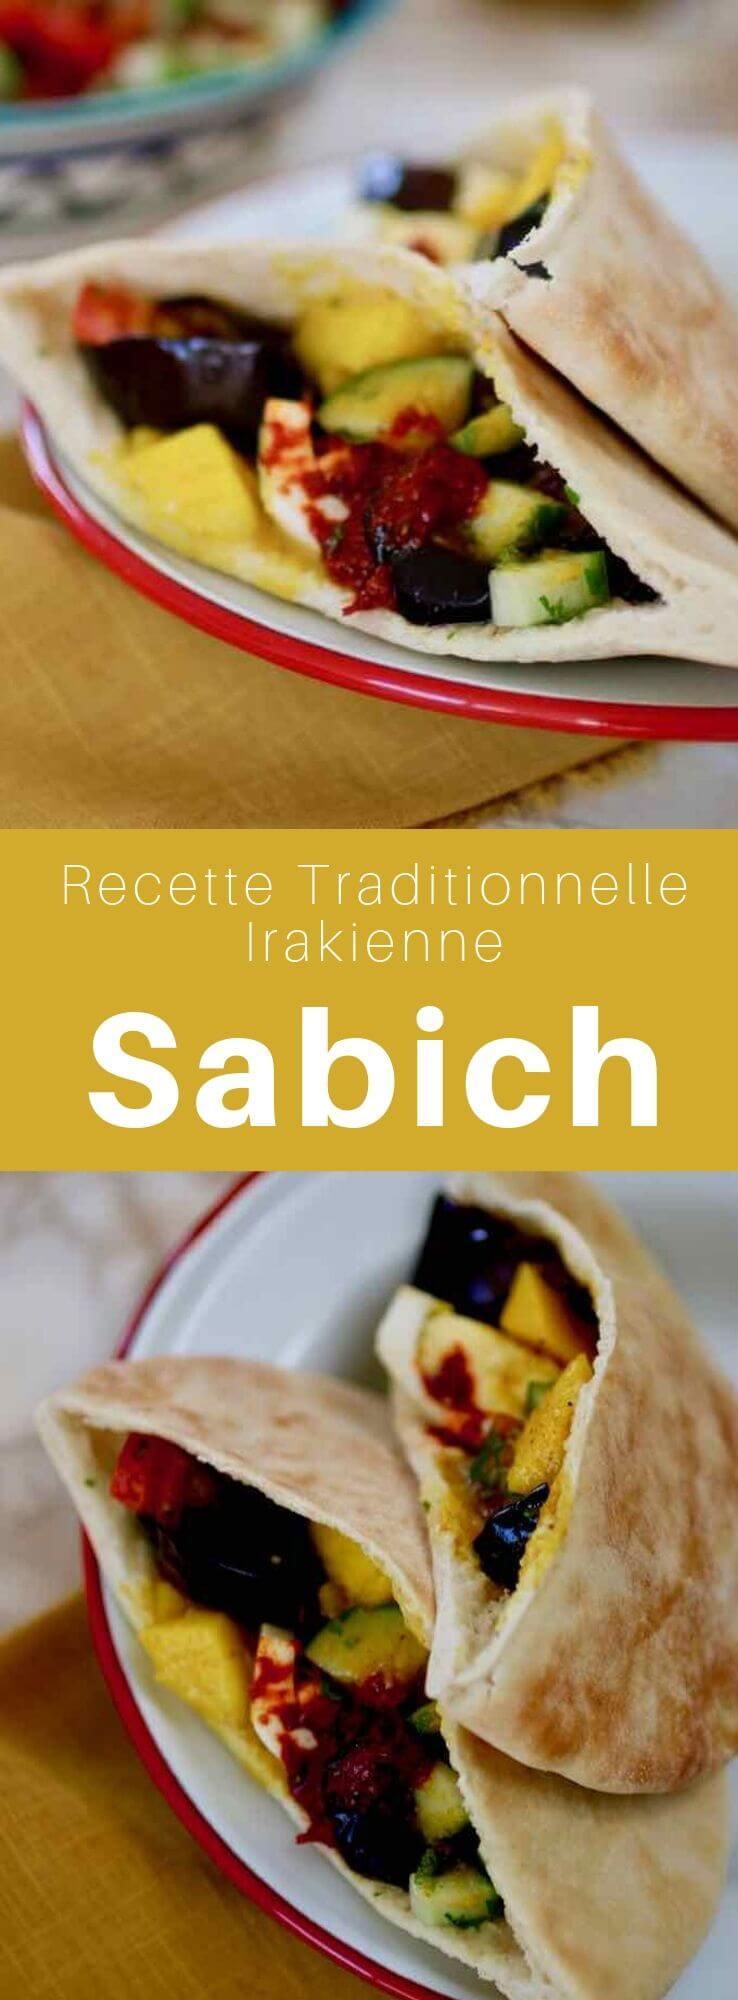 Le sabich ou sabih est un sandwich judéo-irakien très populaire en Israël principalement à base de pita, aubergine, oeuf dur, houmous, tahini et amba. #Irak #RecetteIrakienne #CuisineIrakienne #CuisineJuive #CuisineDuMonde #196flavors